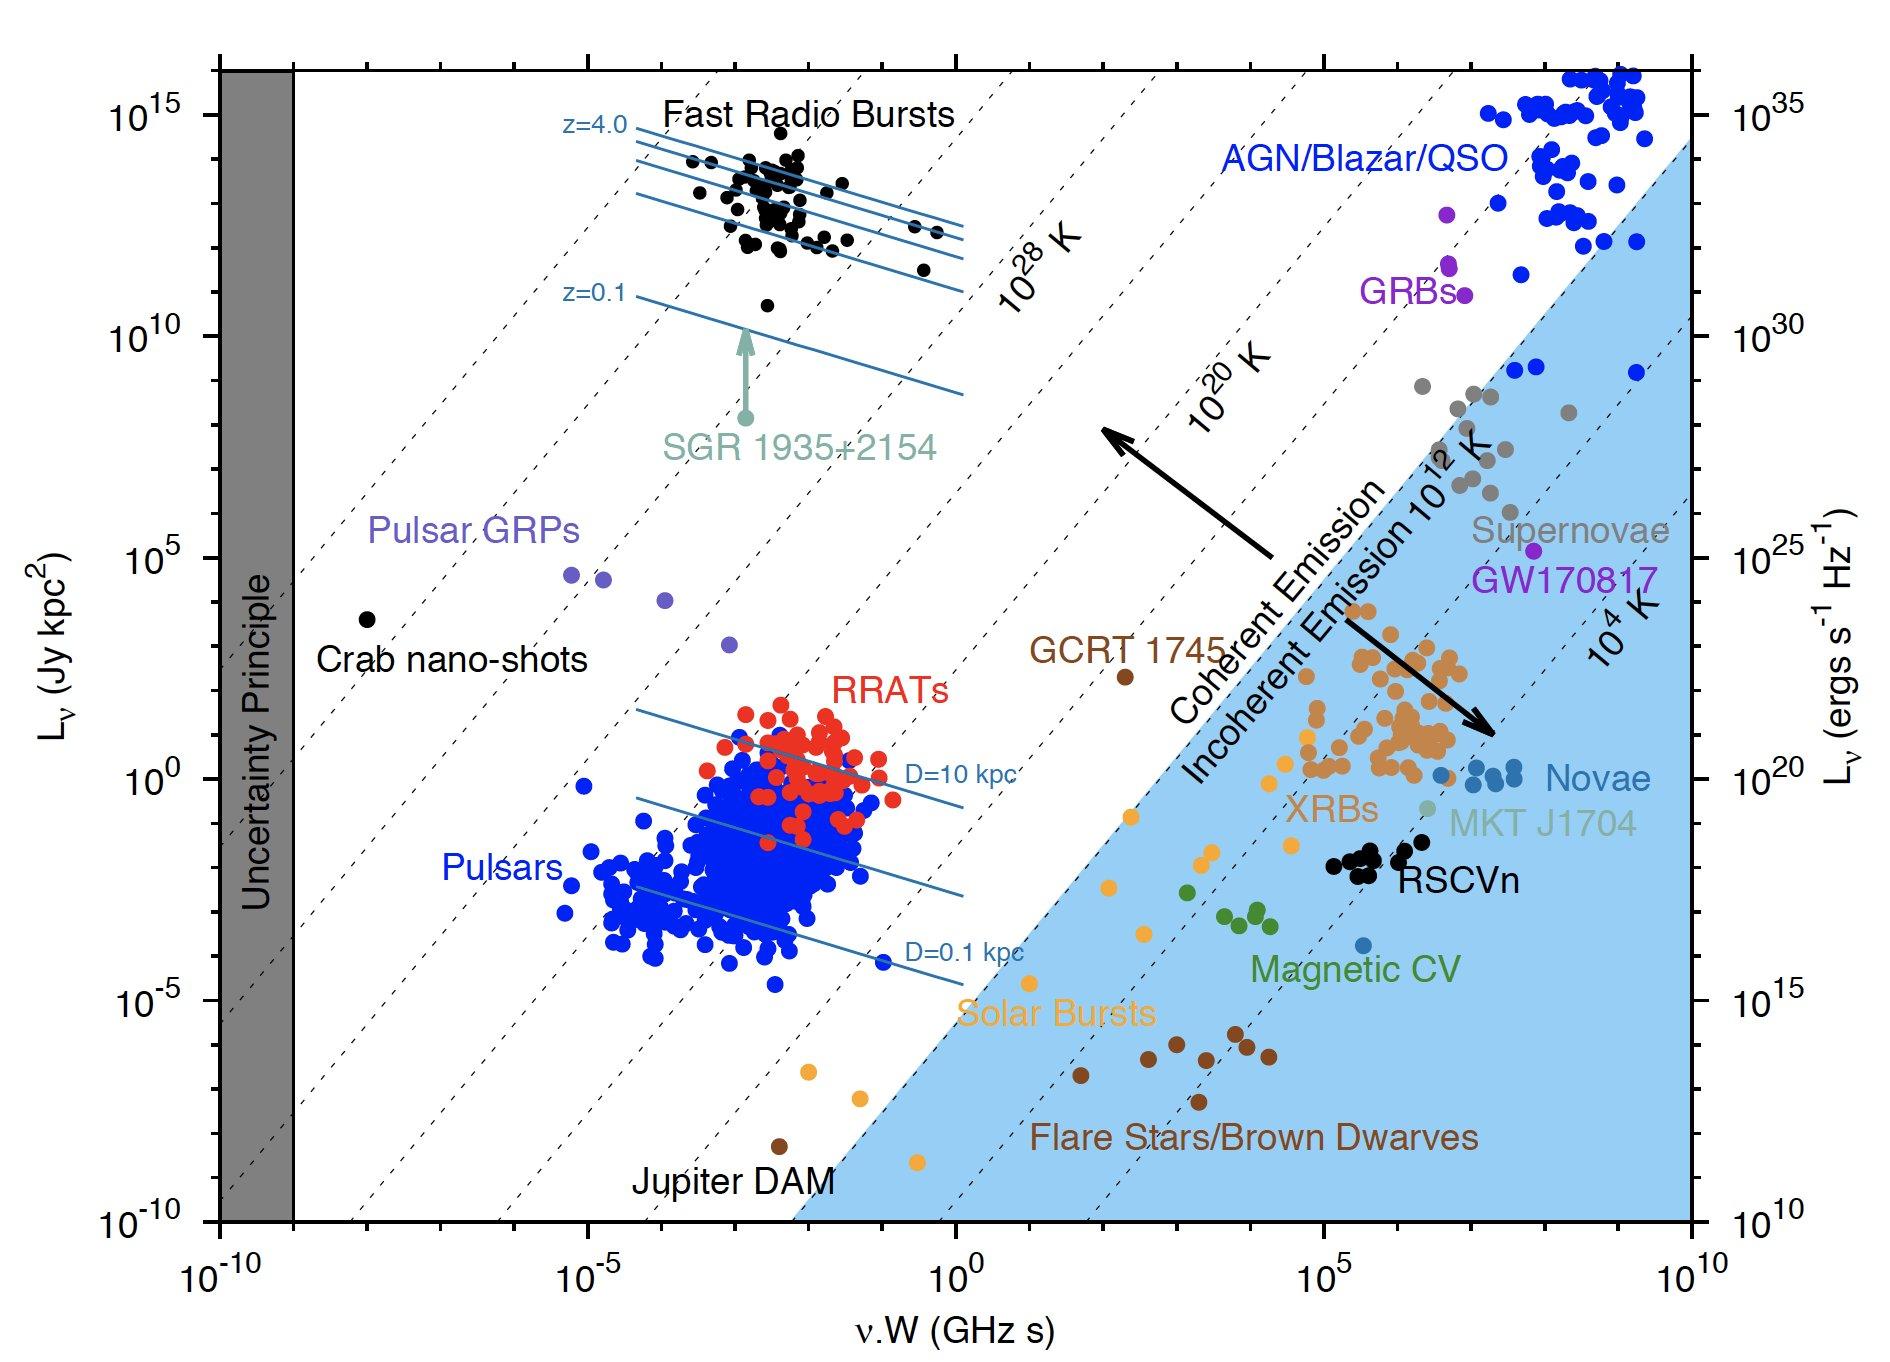 Астрономы зафиксировали из космоса сильный радиосигнал и определили его источник1